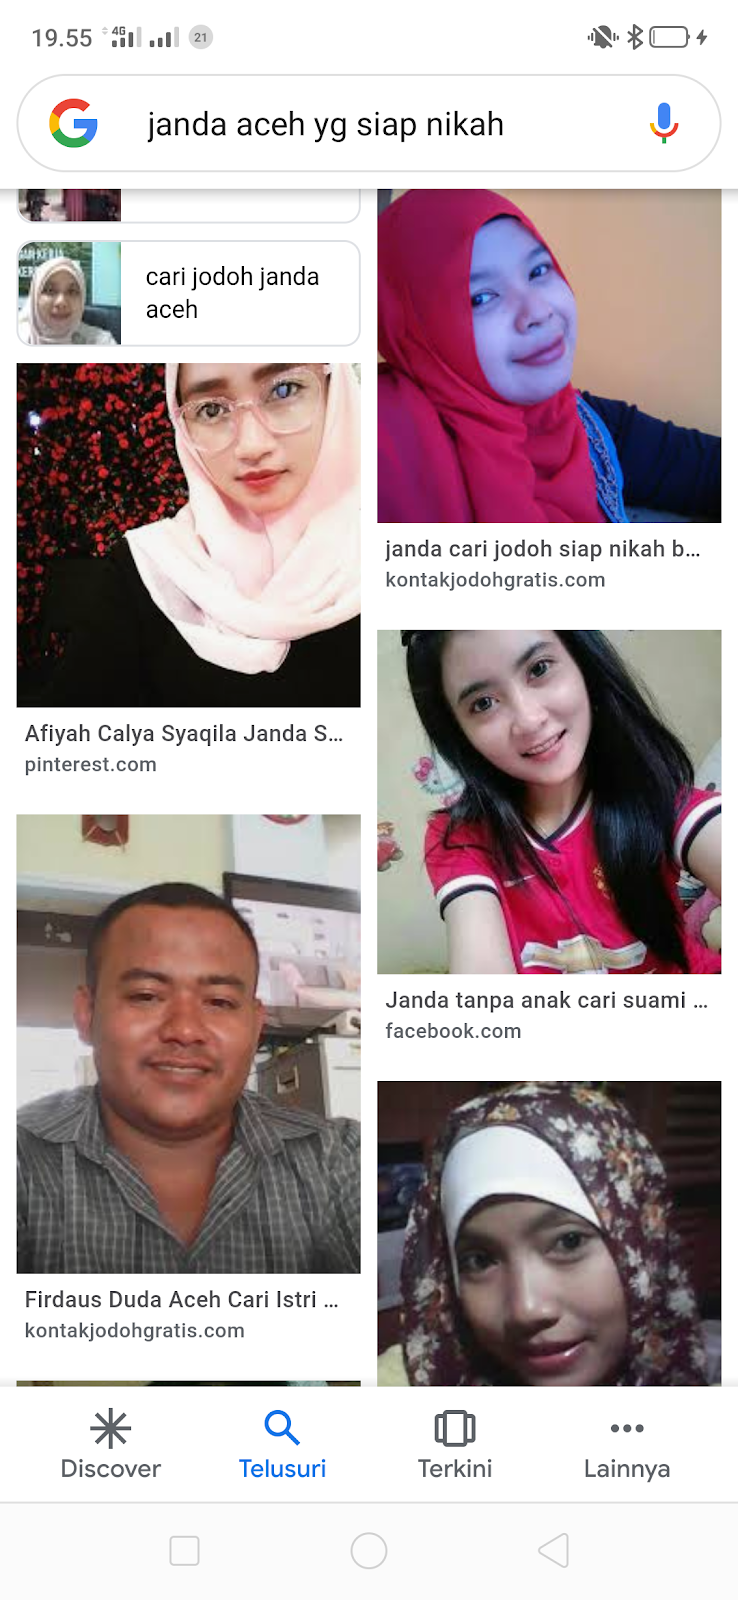 Cari Jodoh Janda Aceh Yg Siap Nikah Disini Cantik No 1